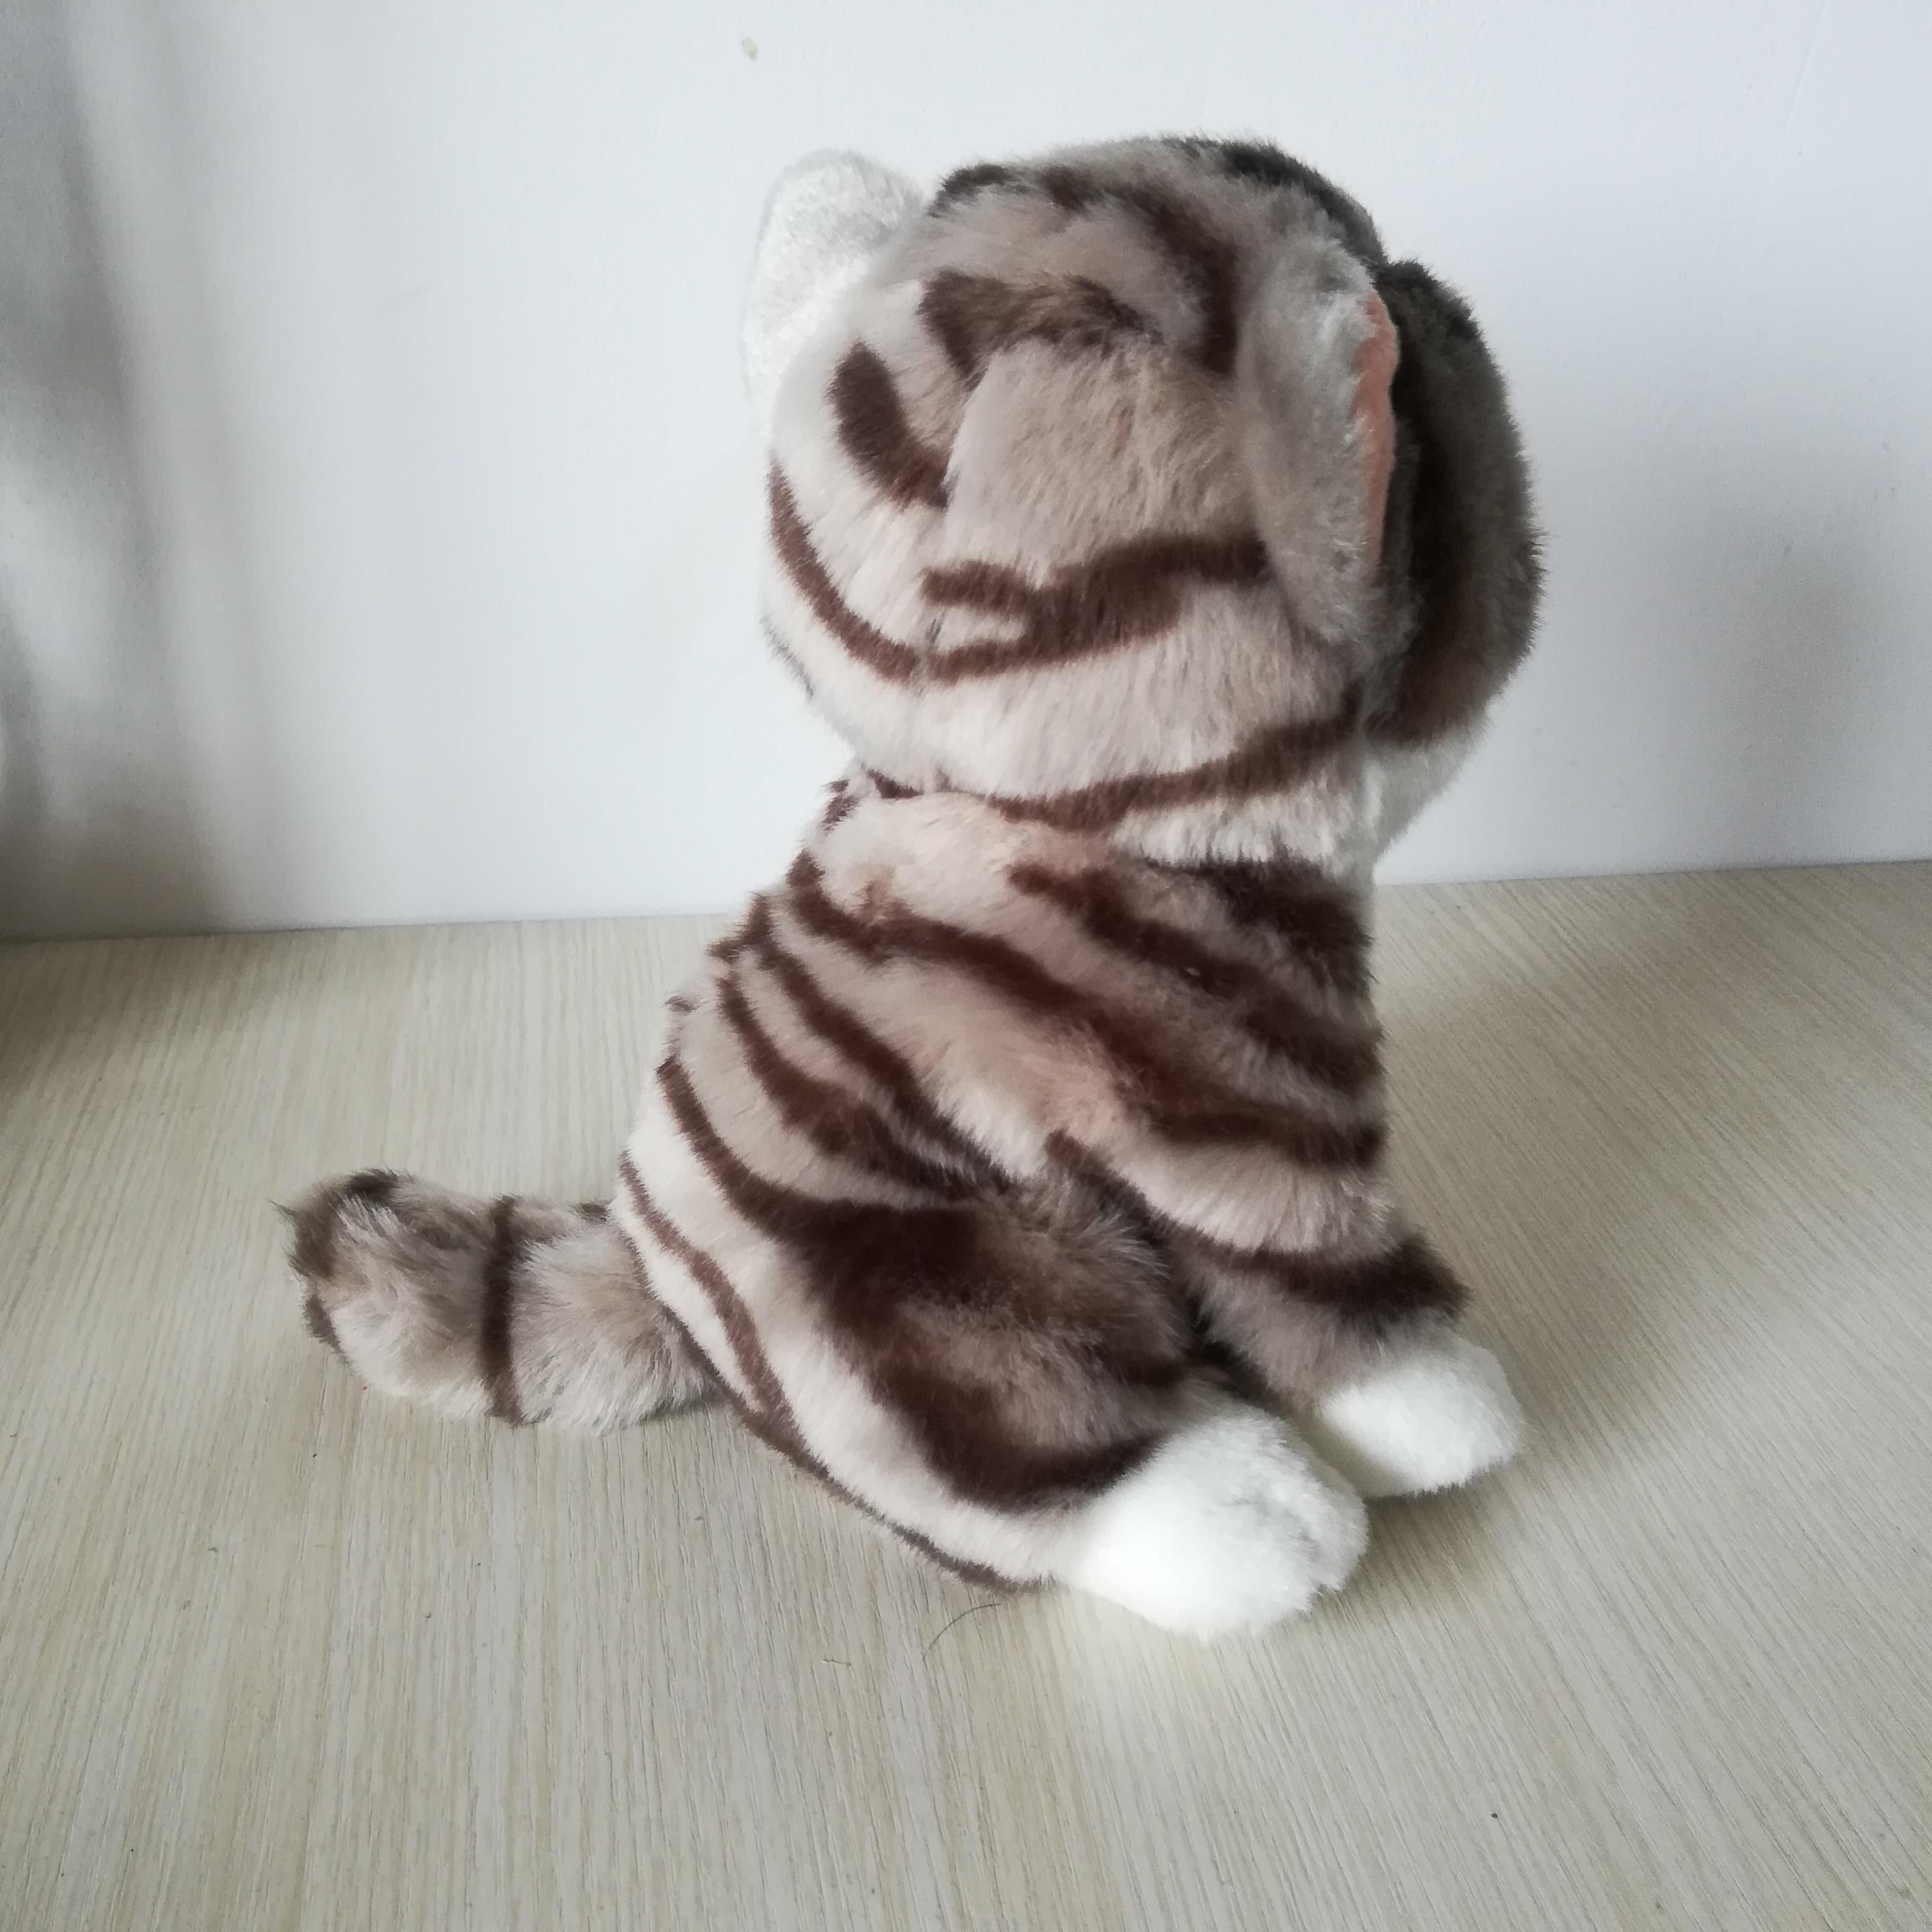 Environ 21cm chat squattant belle gris kitty doux poupée bébé jouet cadeau d'anniversaire s0165 - 4